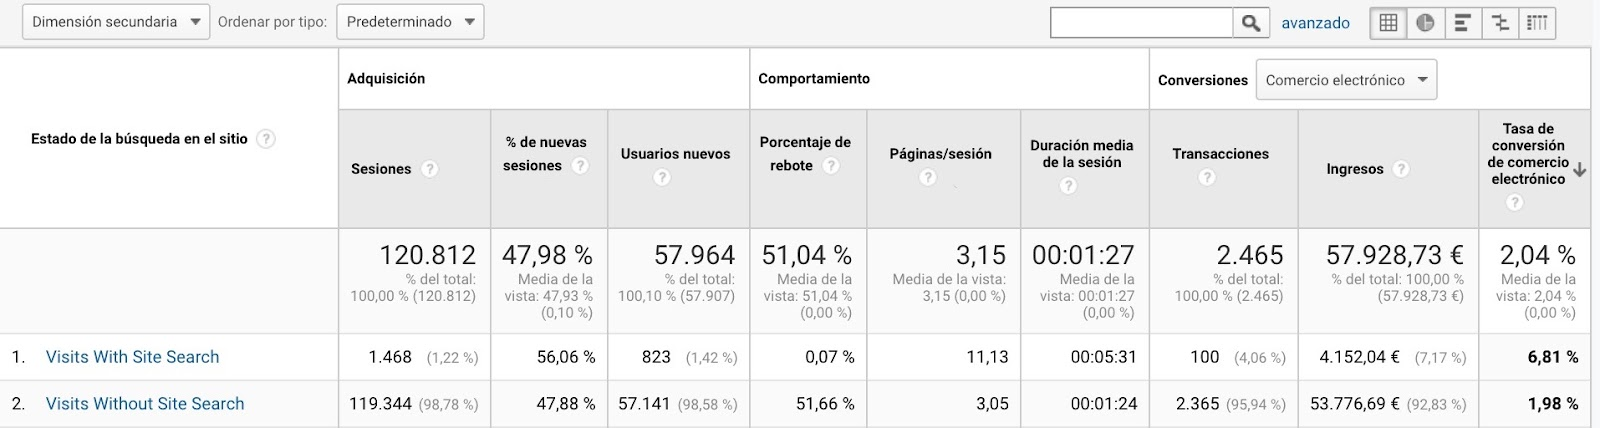 Informe de uso del sitio de google analytics